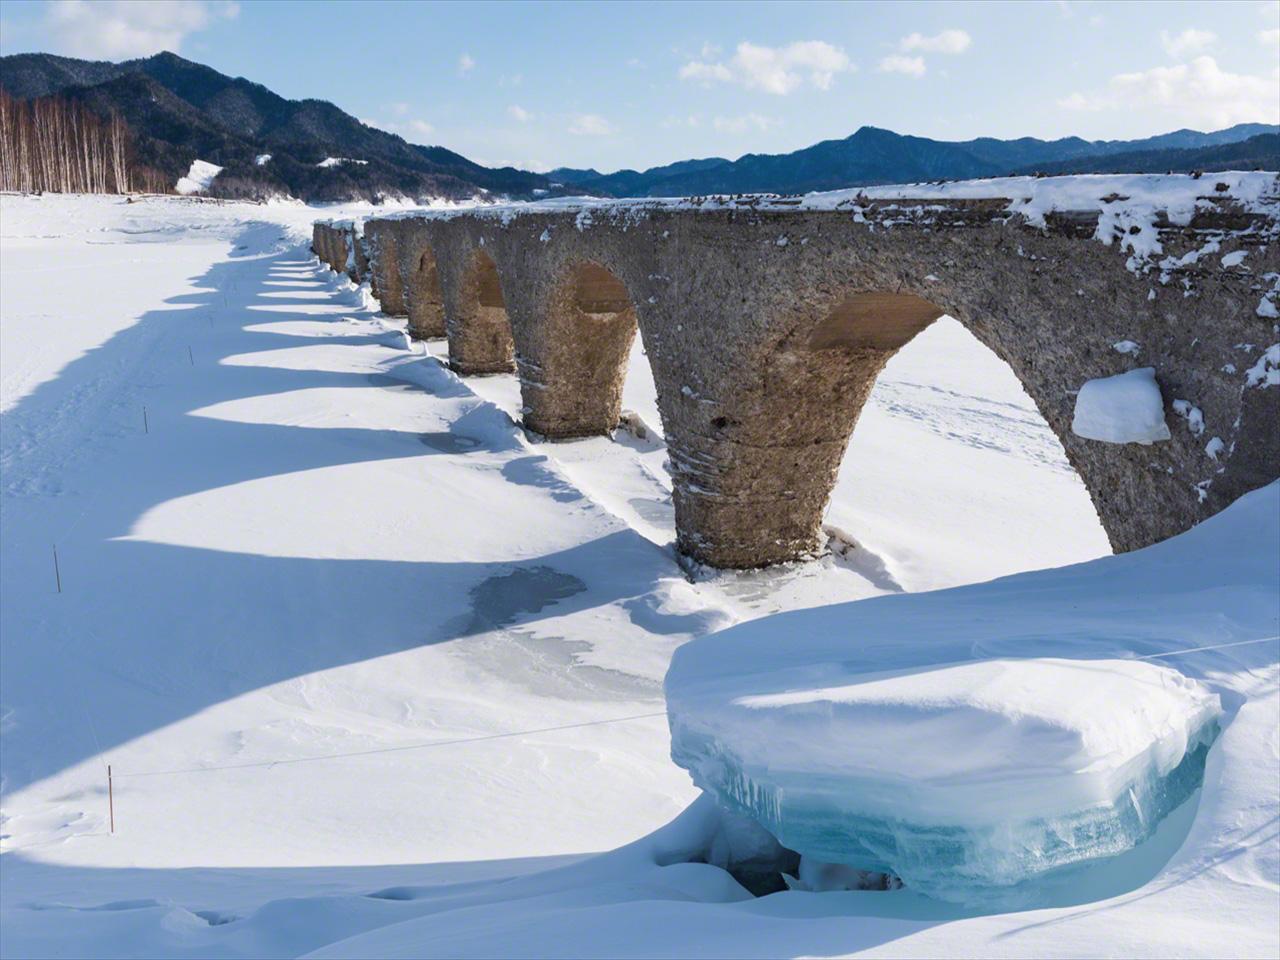 Pada bulan Februari, jembatan ini menonjol di tengah lanskap beku, dengan es tebal terbentuk di danau saat suhu turun hingga minus 25 derajat Celcius.